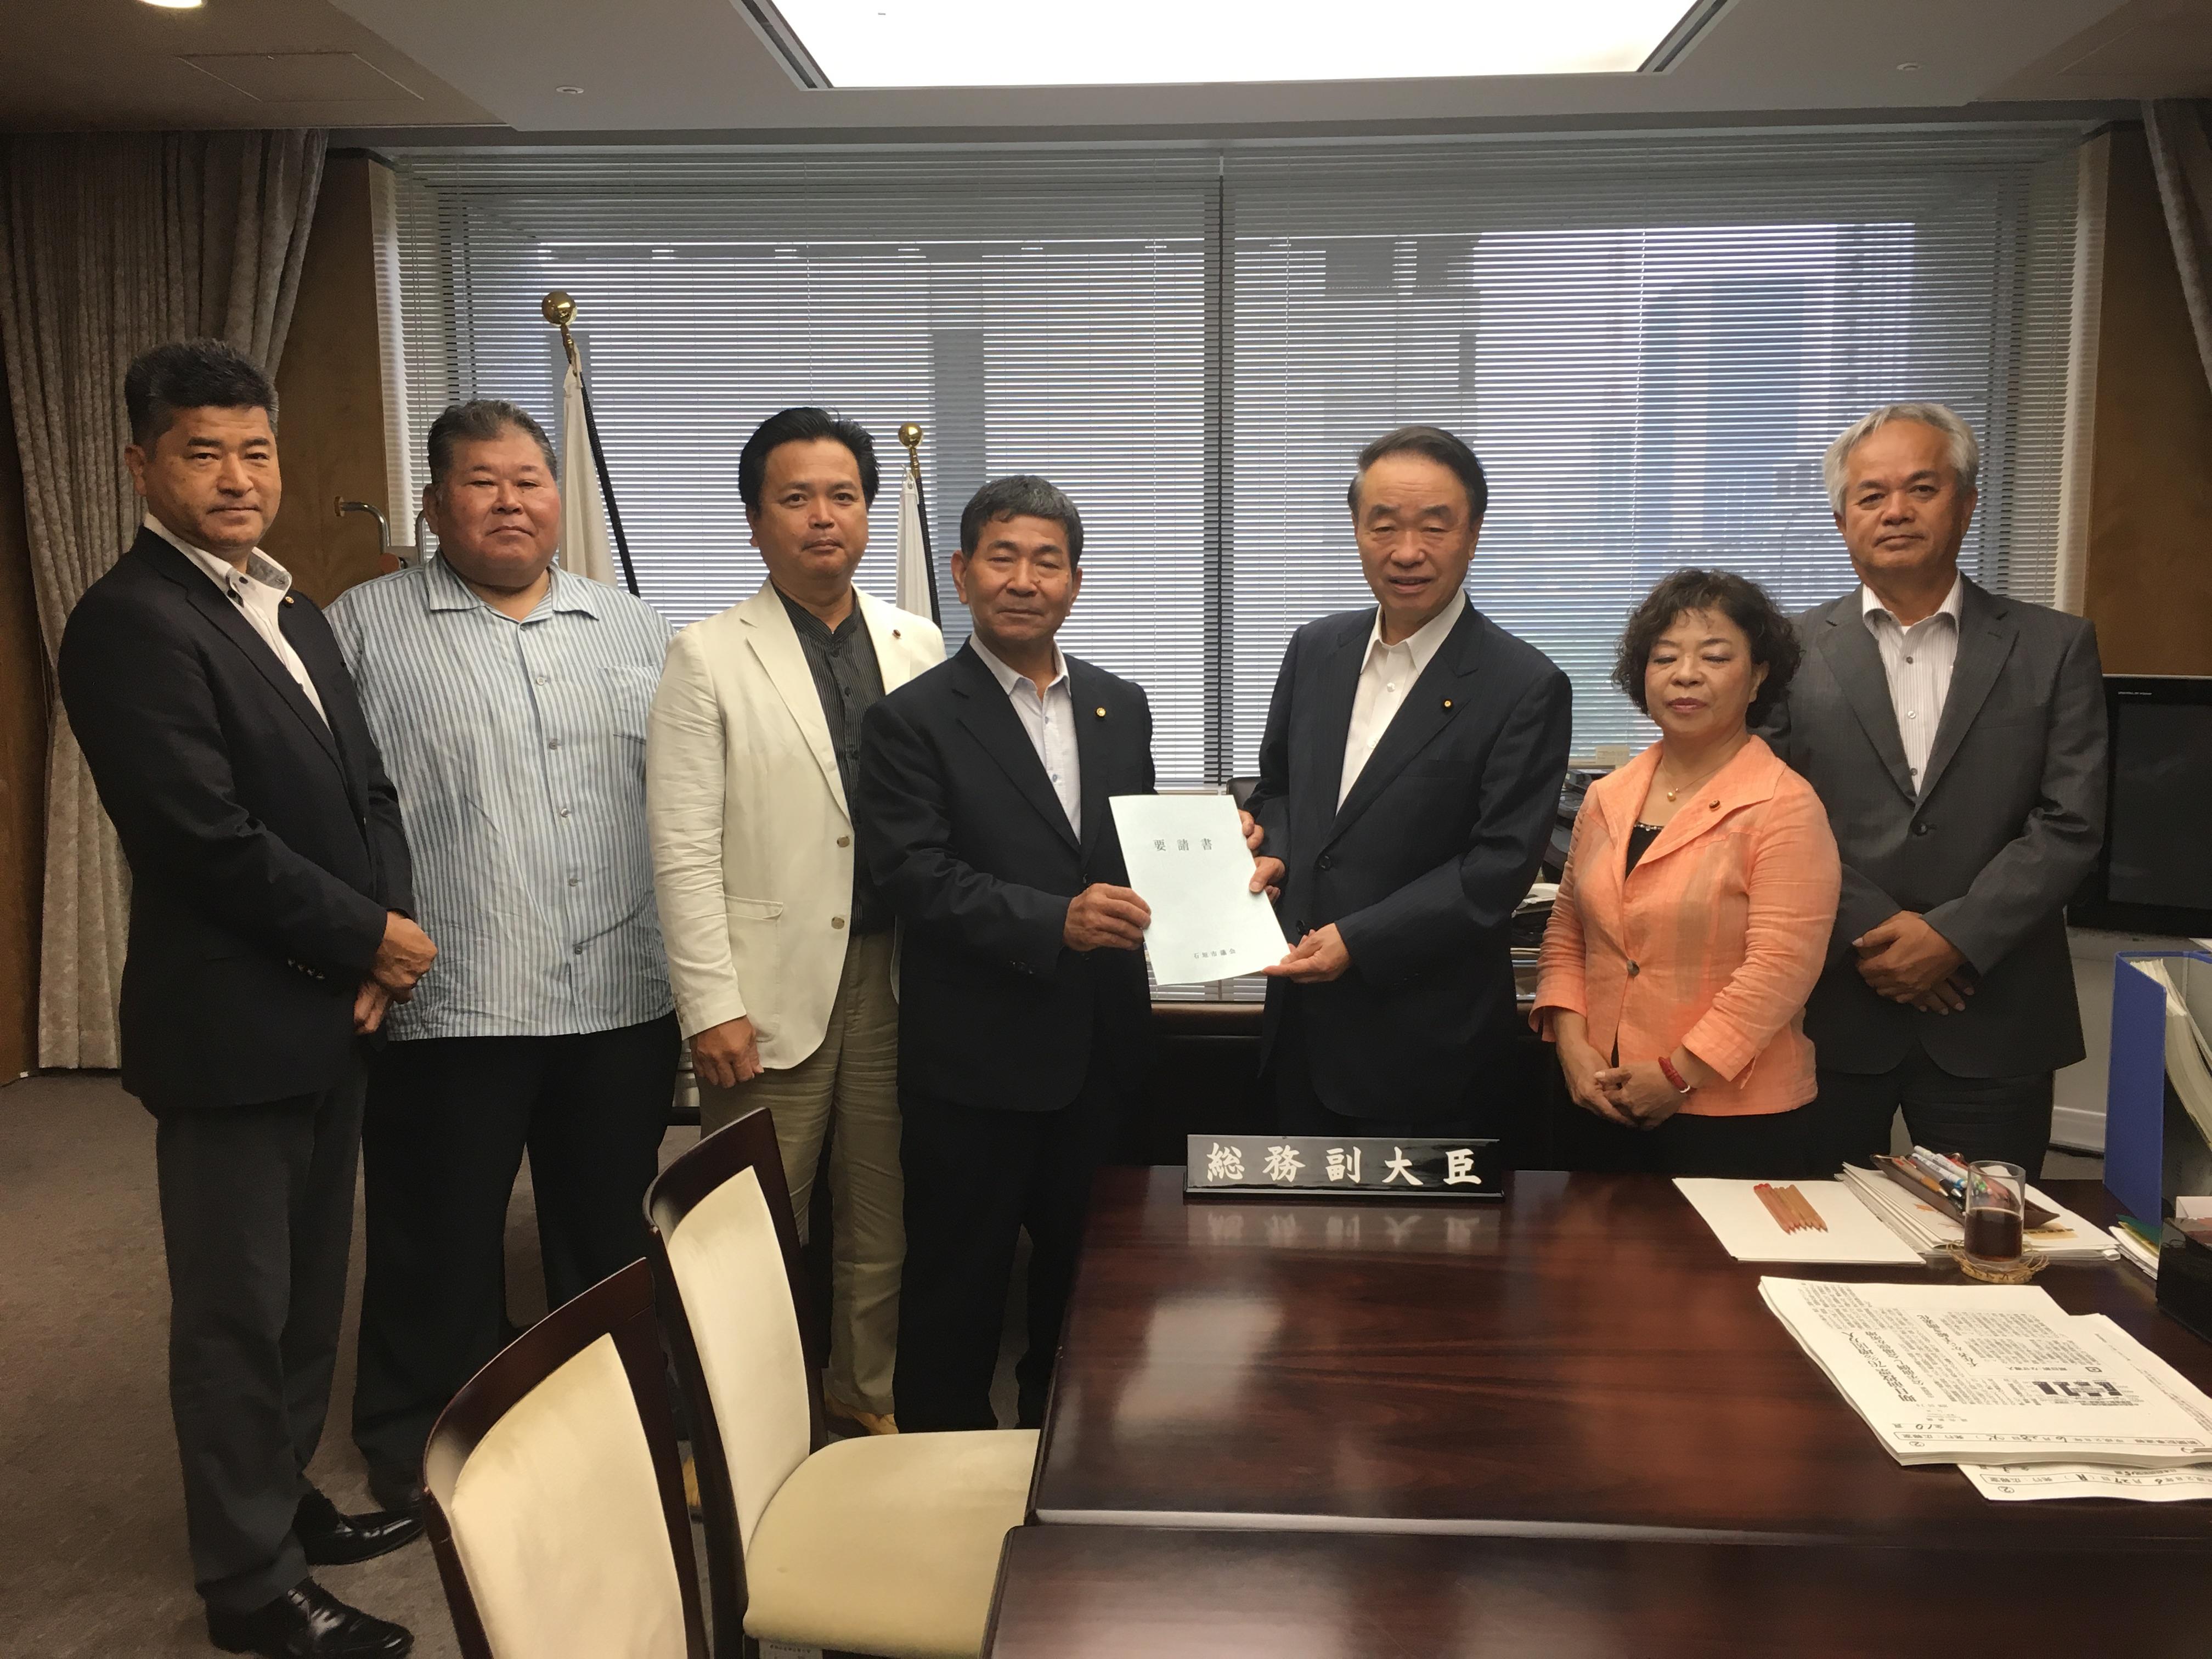 「安倍総理は、憲法改正の意図を隠していると岡田民進党代表」の画像